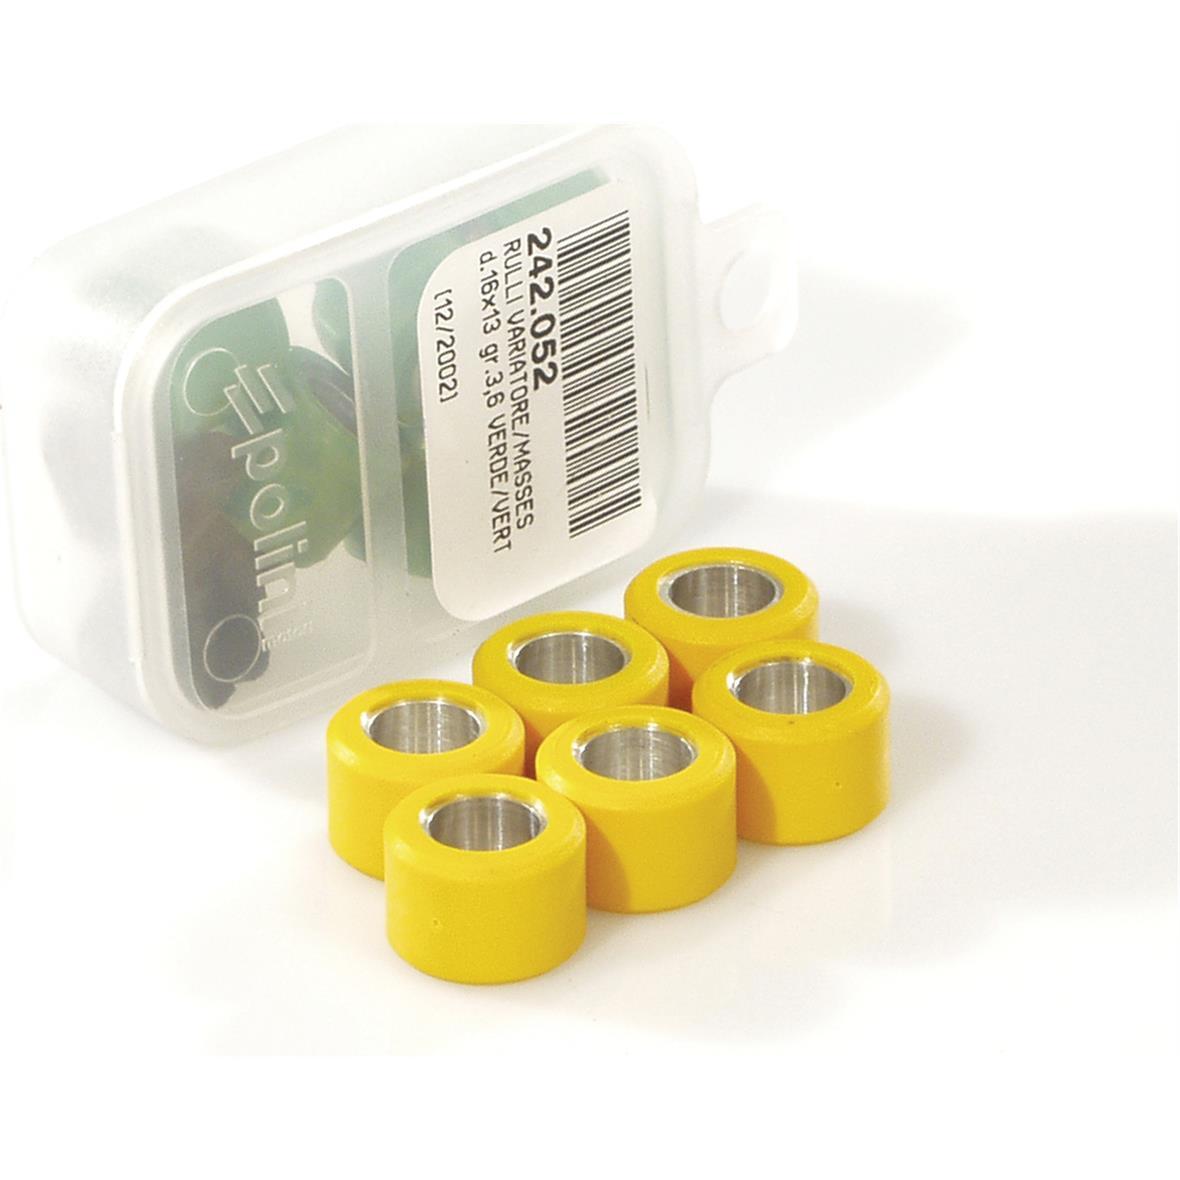 Image du produit 'Rouleaux de variateur POLINI 17x12 mm 3,1g'